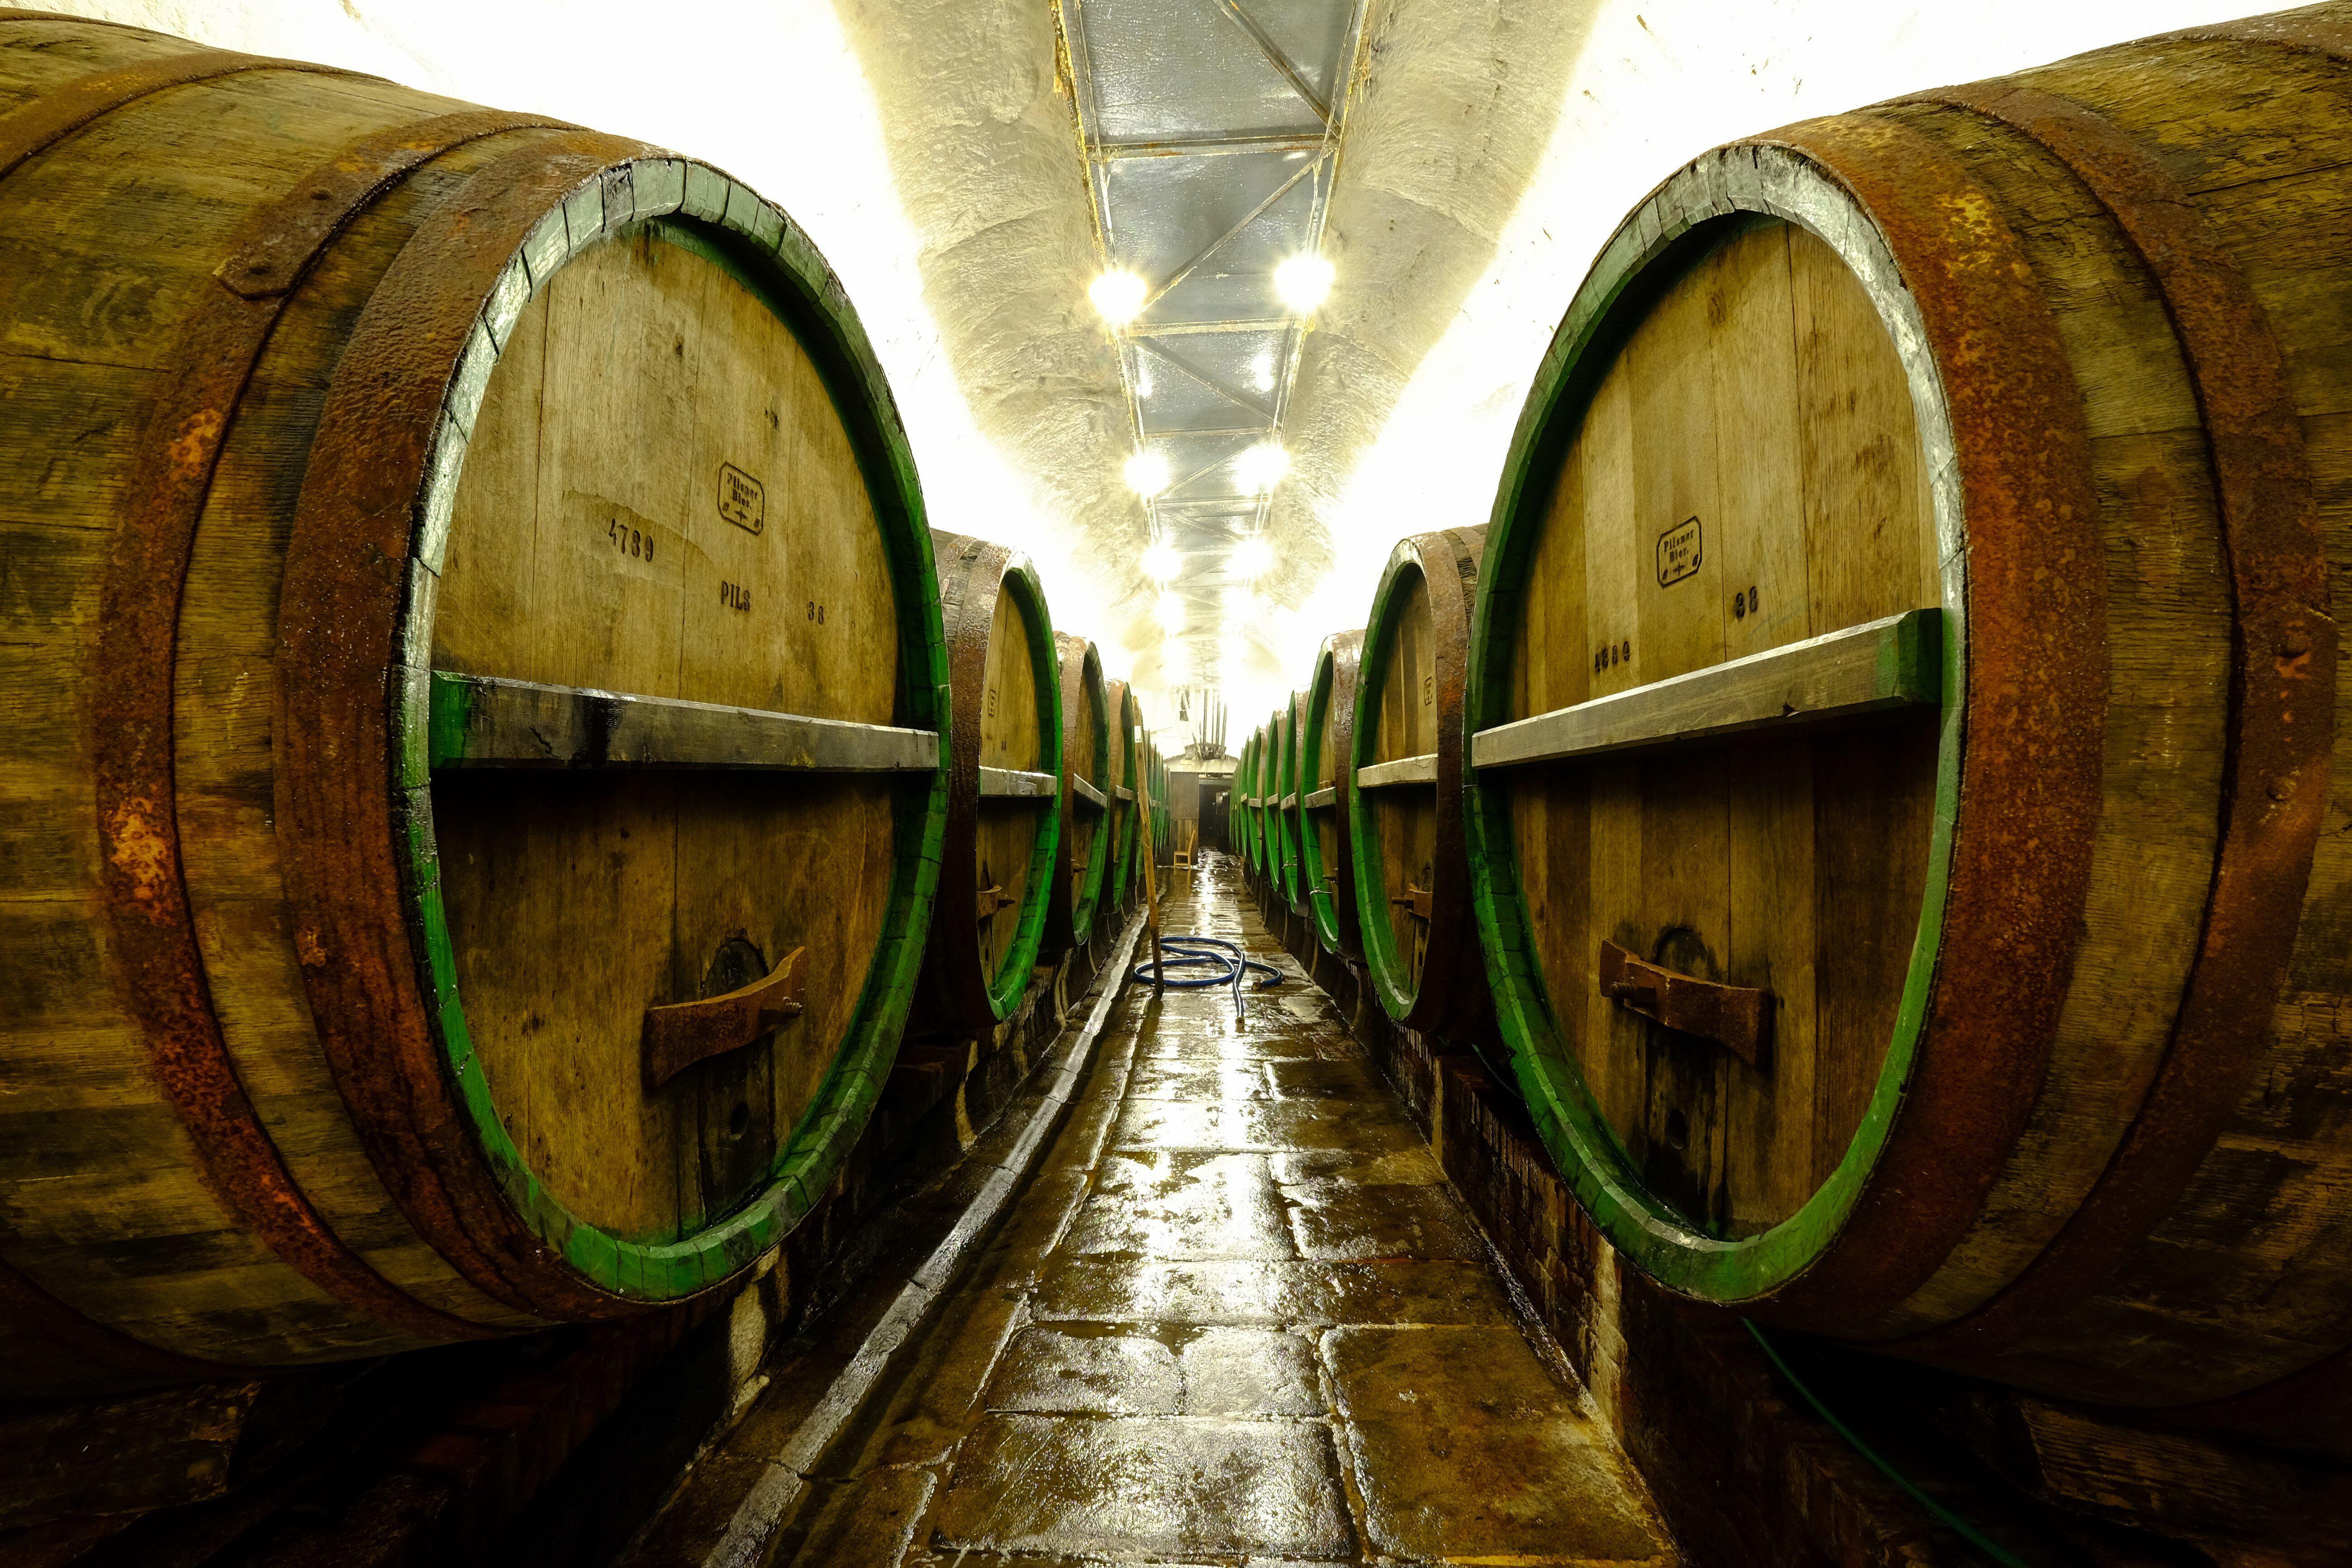 Bild zu China Brauereien Bier